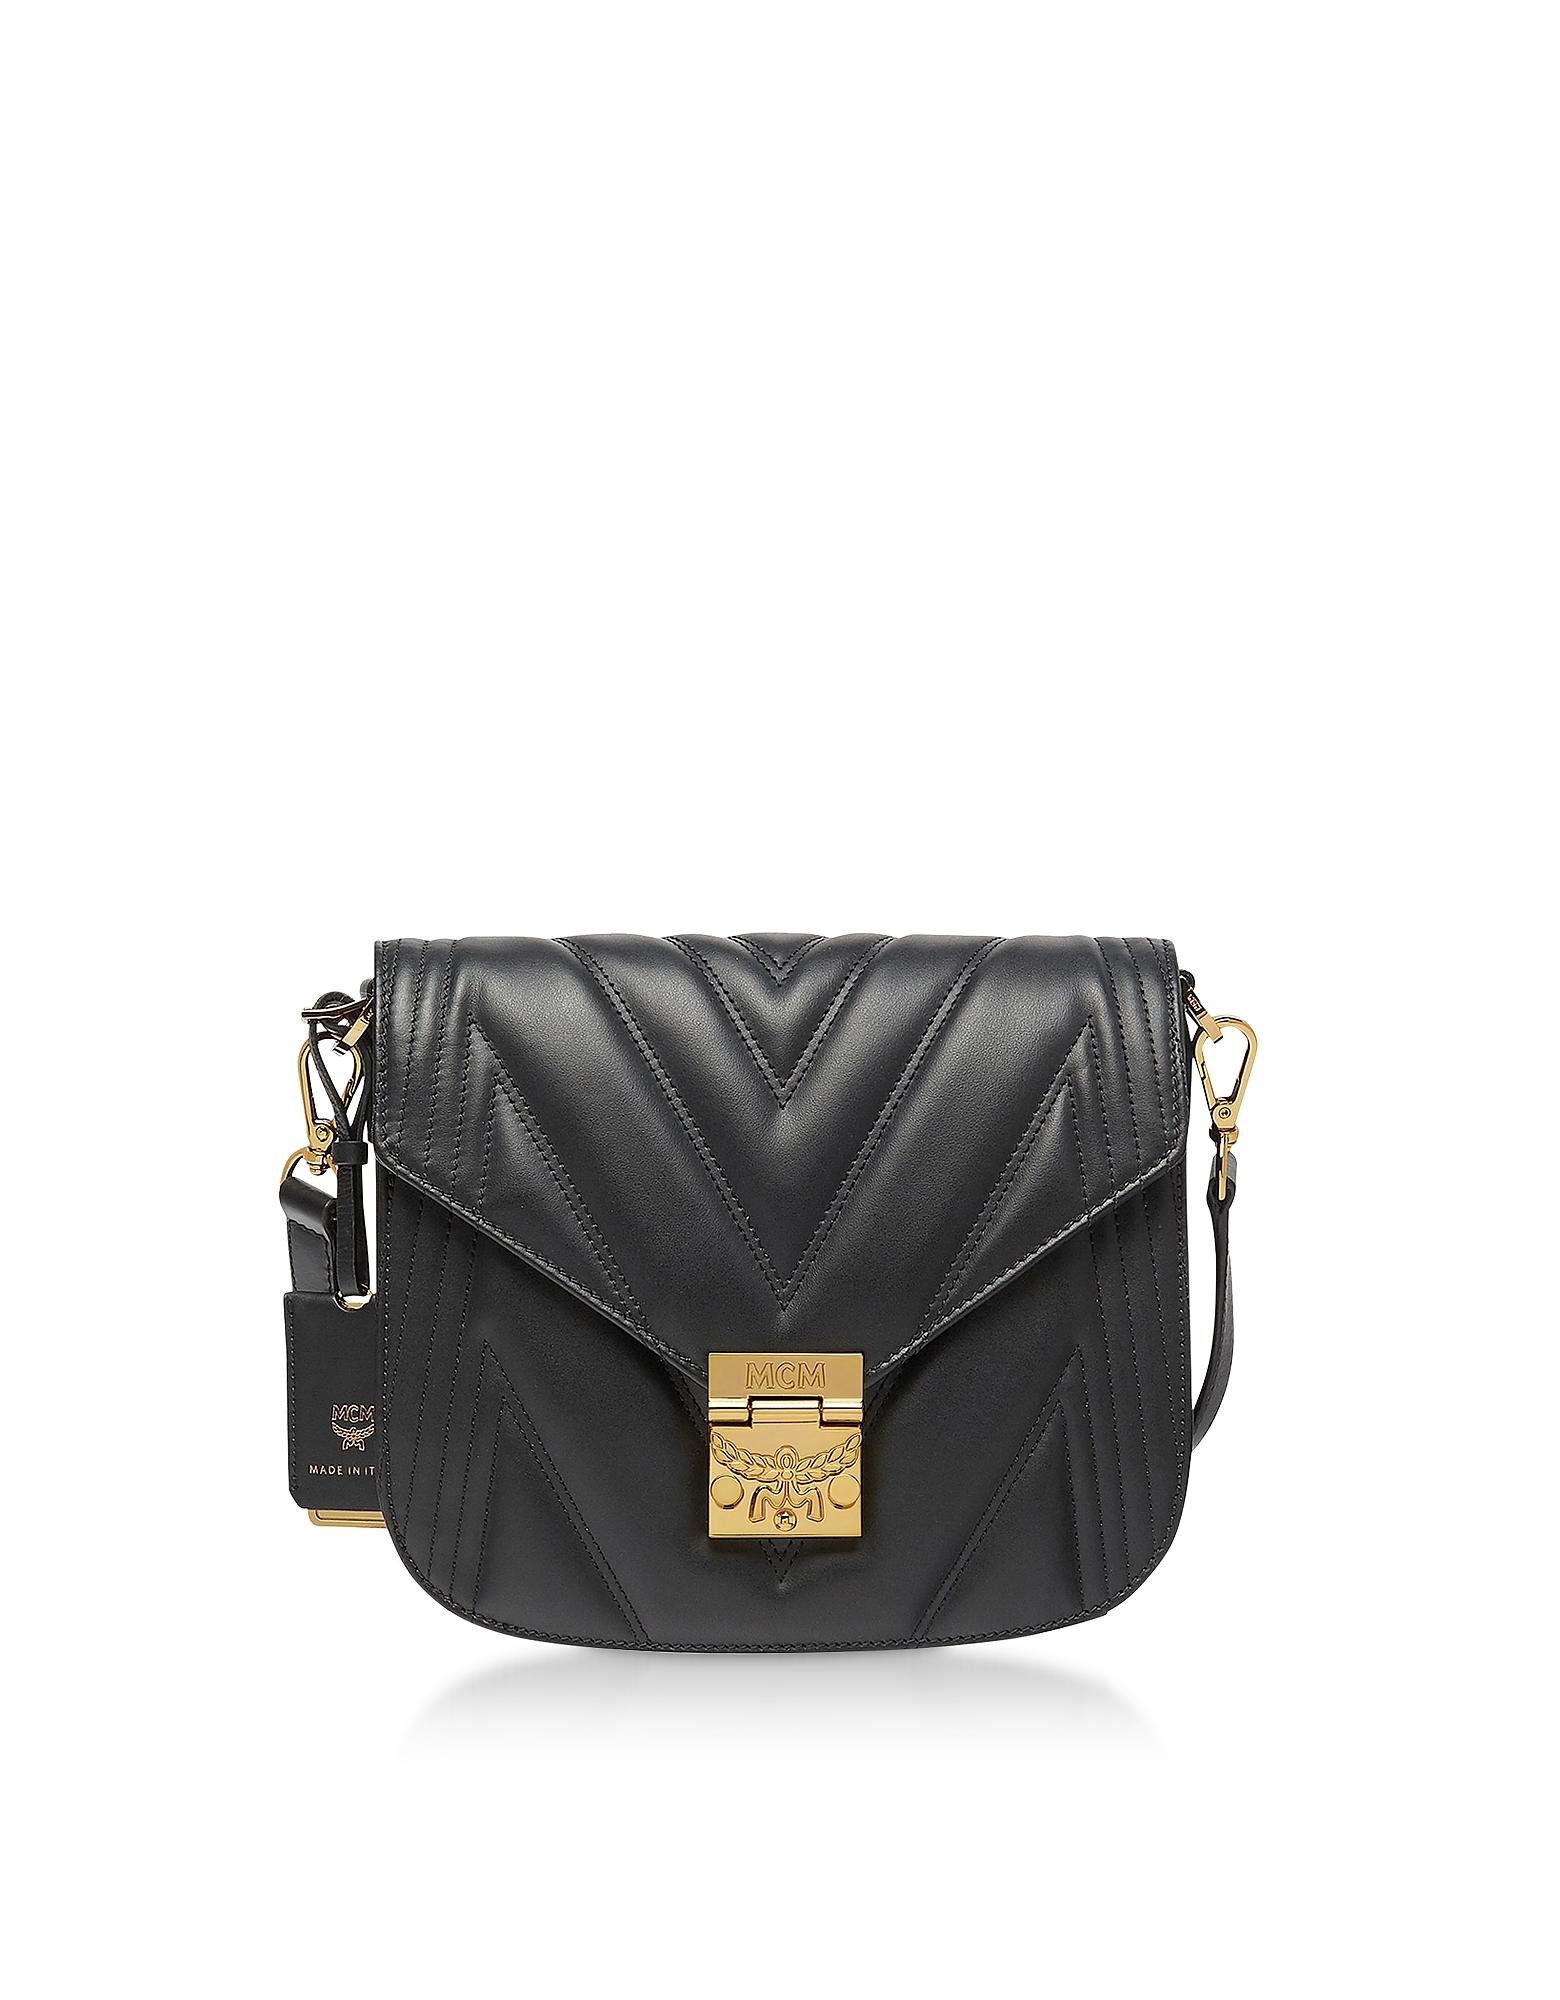 Black Quilted Leather Patricia Shoulder Bag